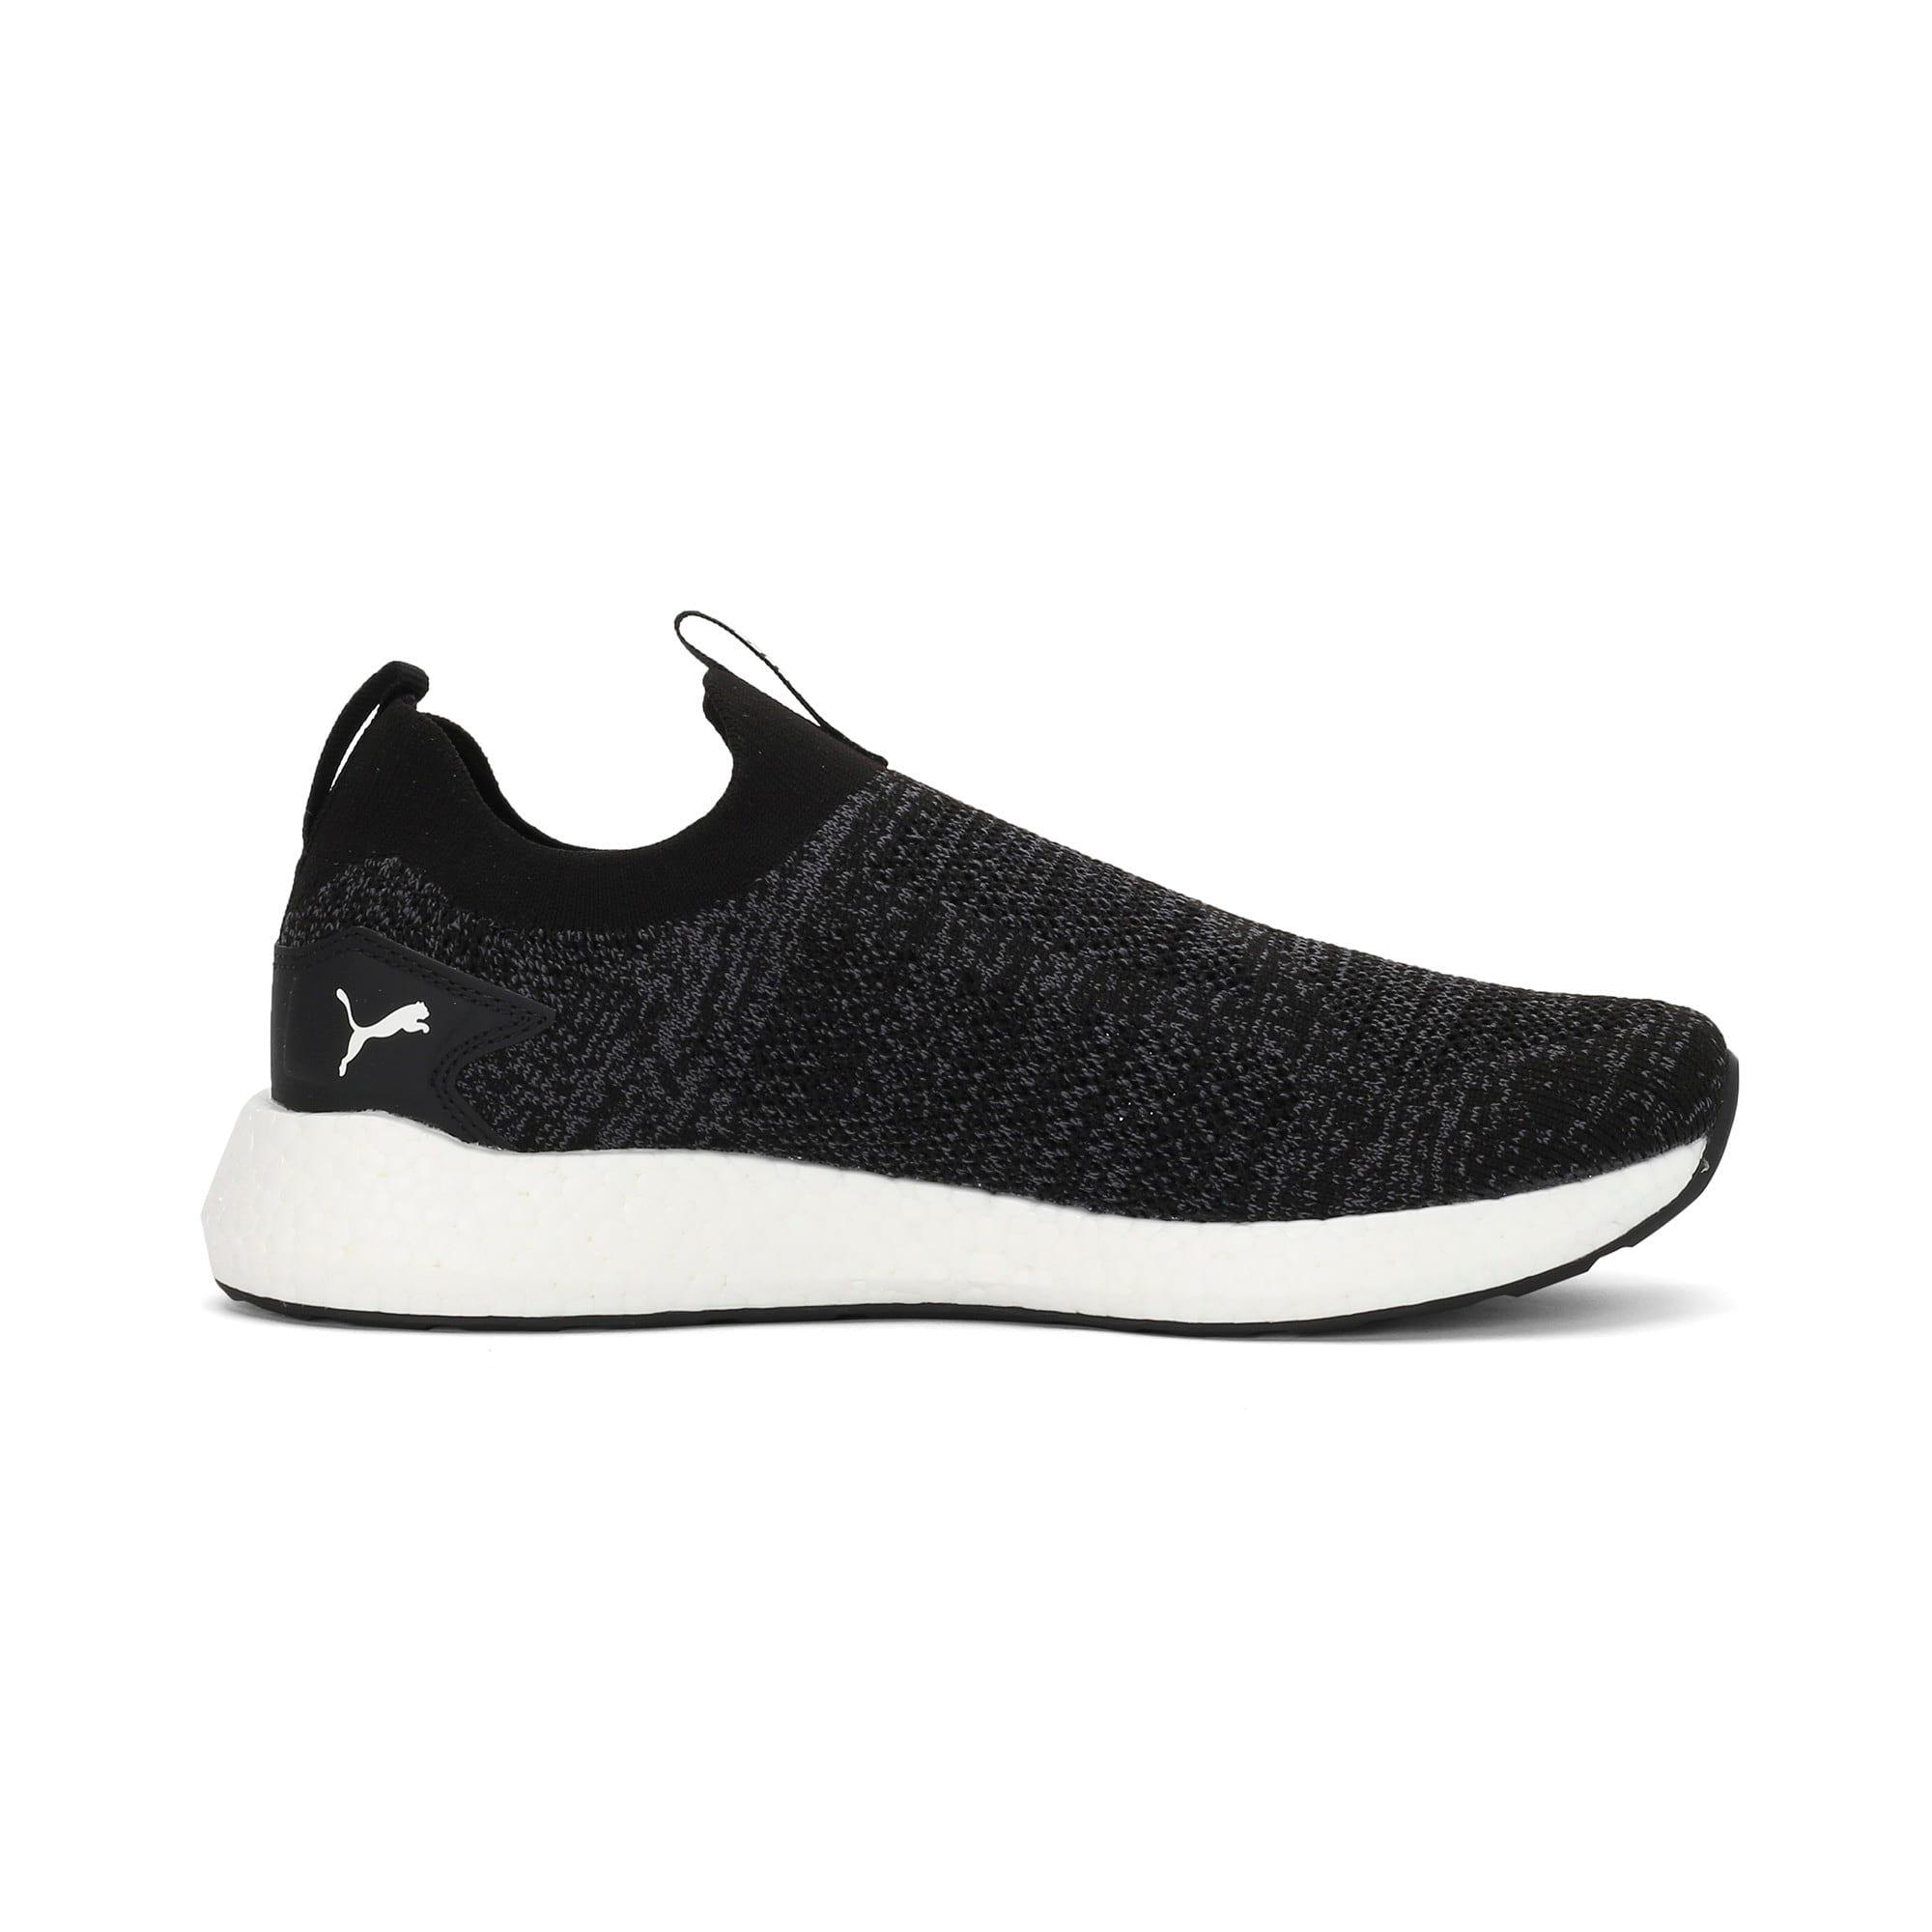 Thumbnail 5 of NRGY Neko Slip-On one8 Unisex Running Shoes, Puma Black-Puma White, medium-IND